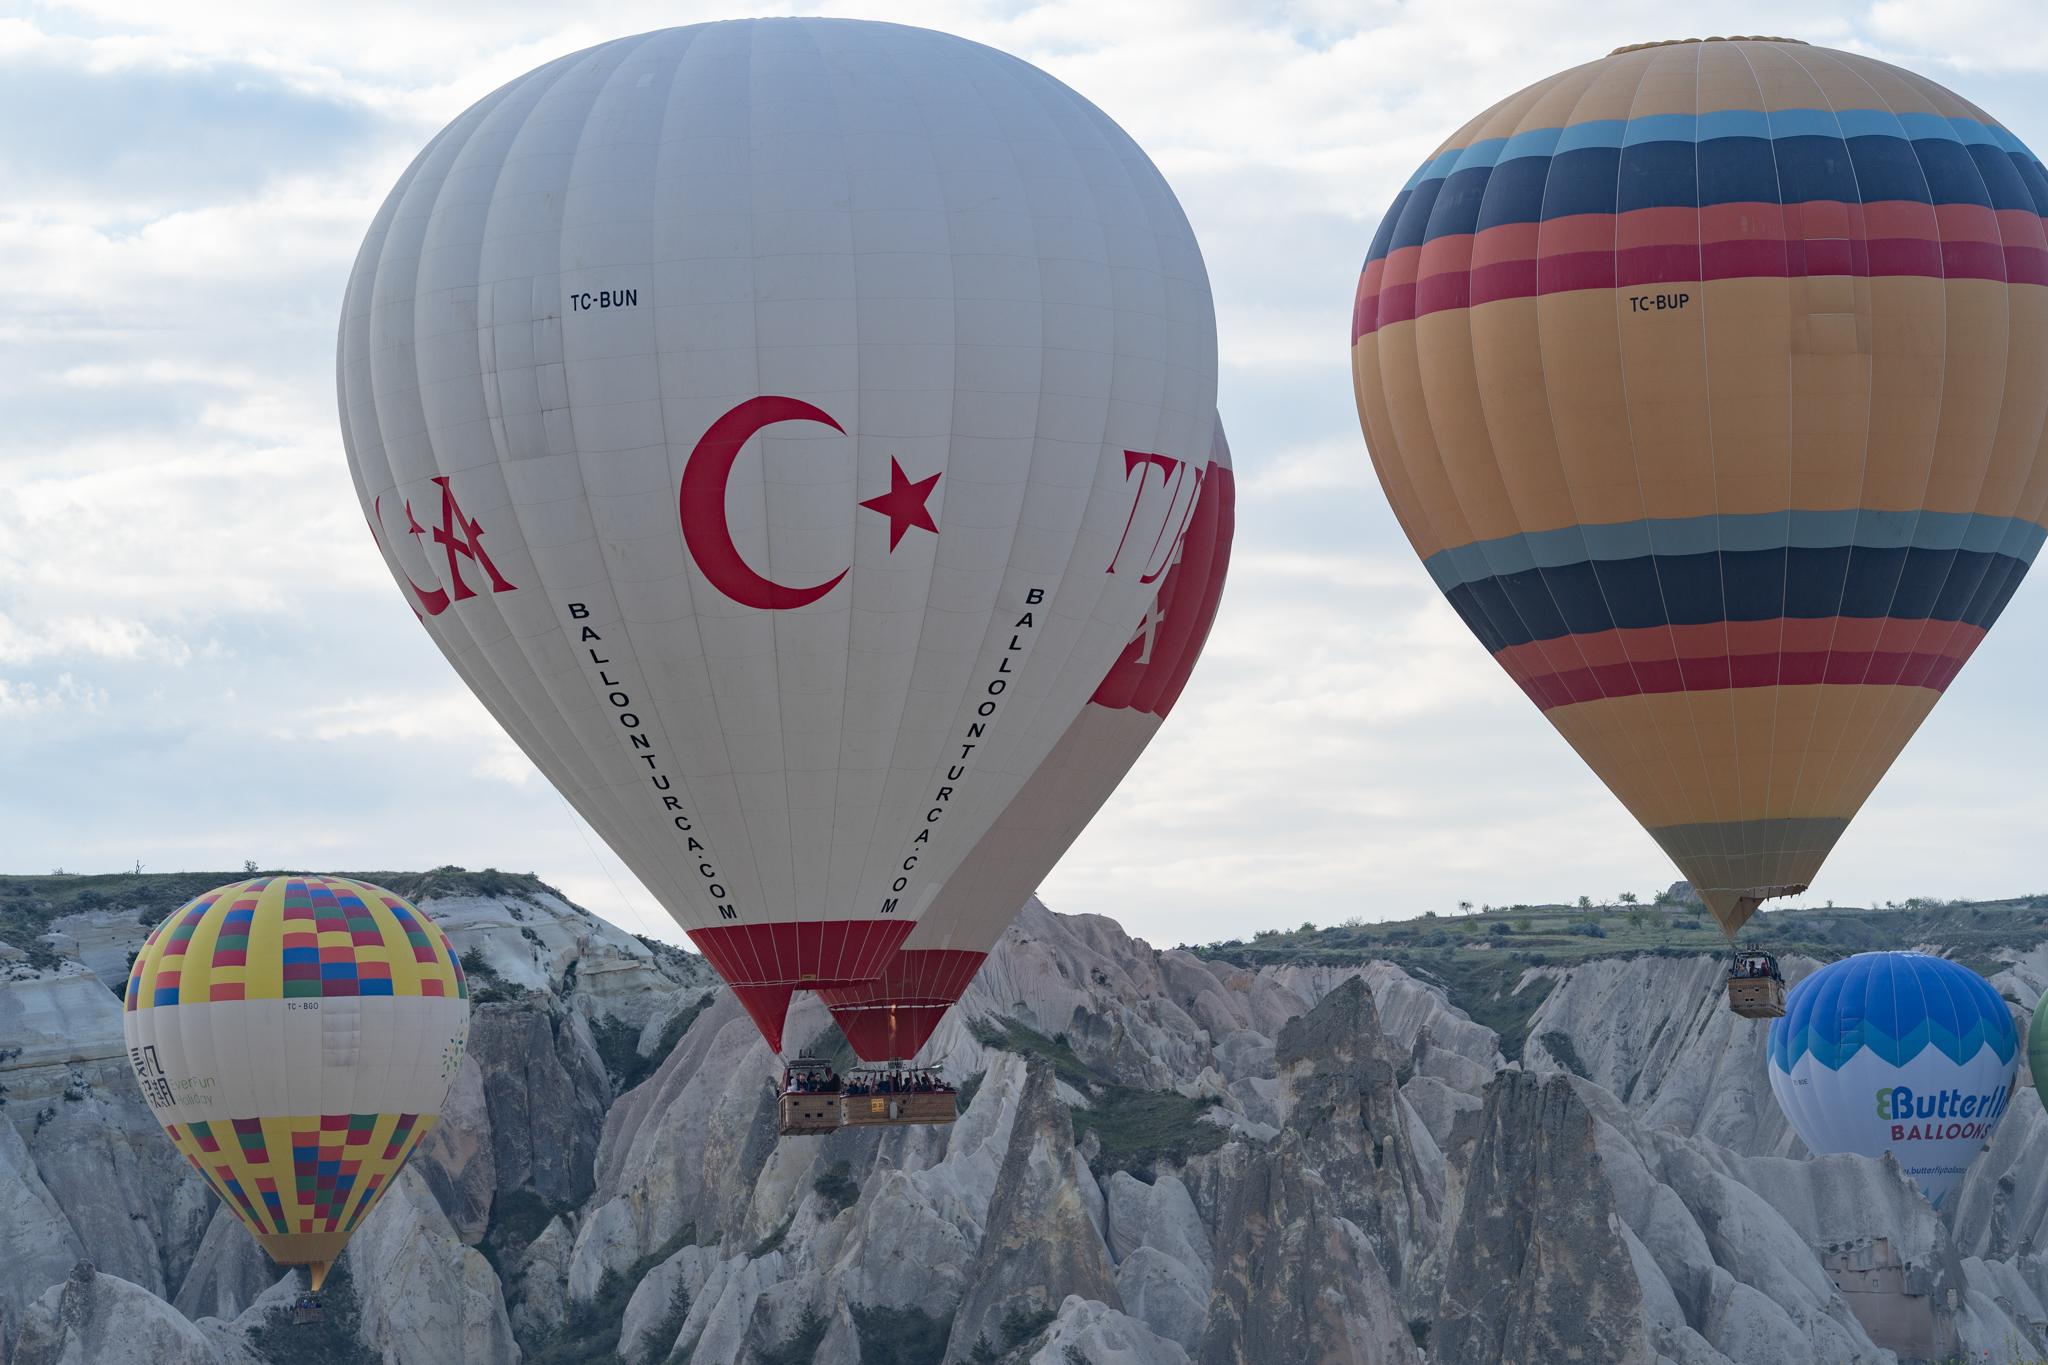 海外婚紗, 土耳其婚紗, 熱氣球婚紗, EASTERN WEDDING, Donfer, 東法